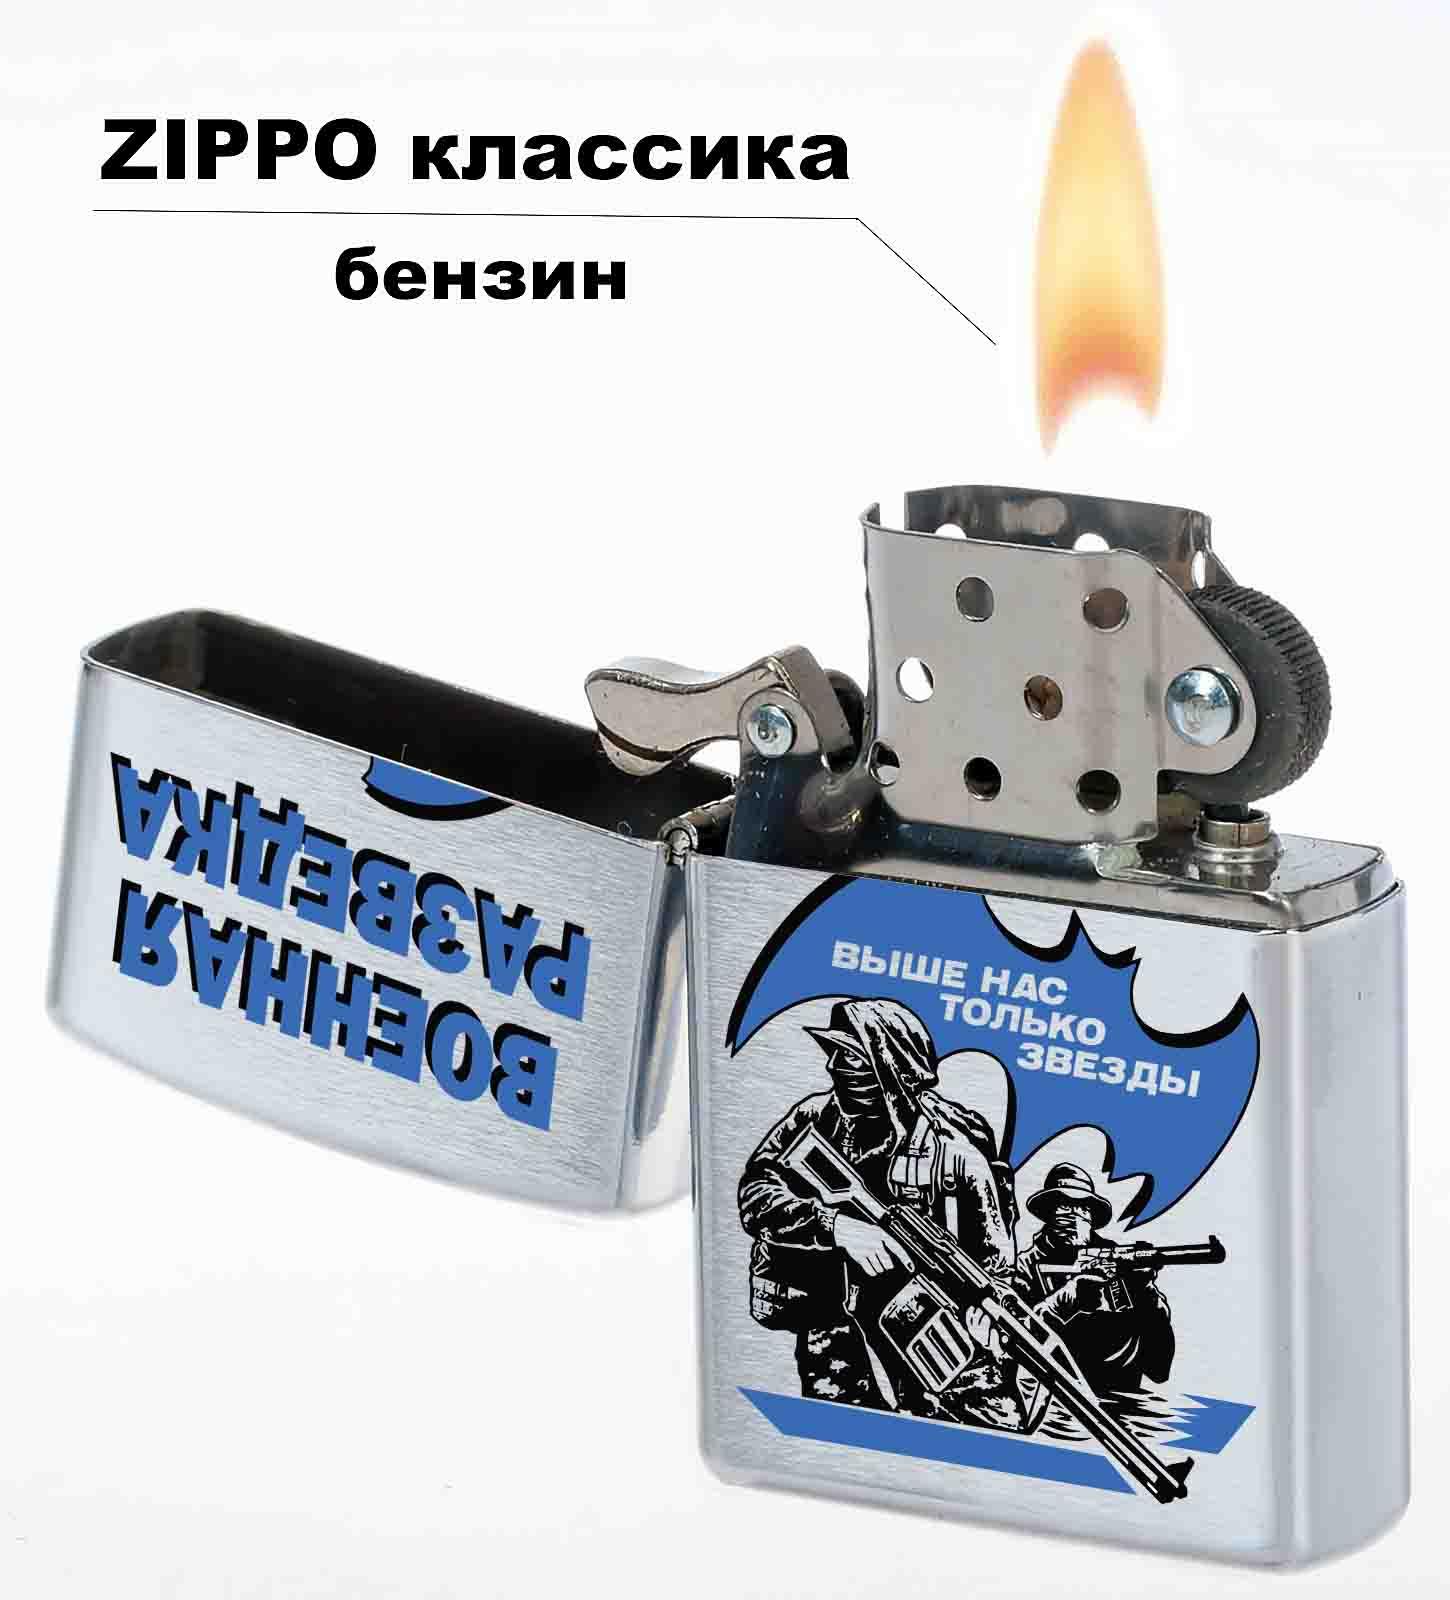 Отменная бензиновая зажигалка Военного разведчика - высокое качество